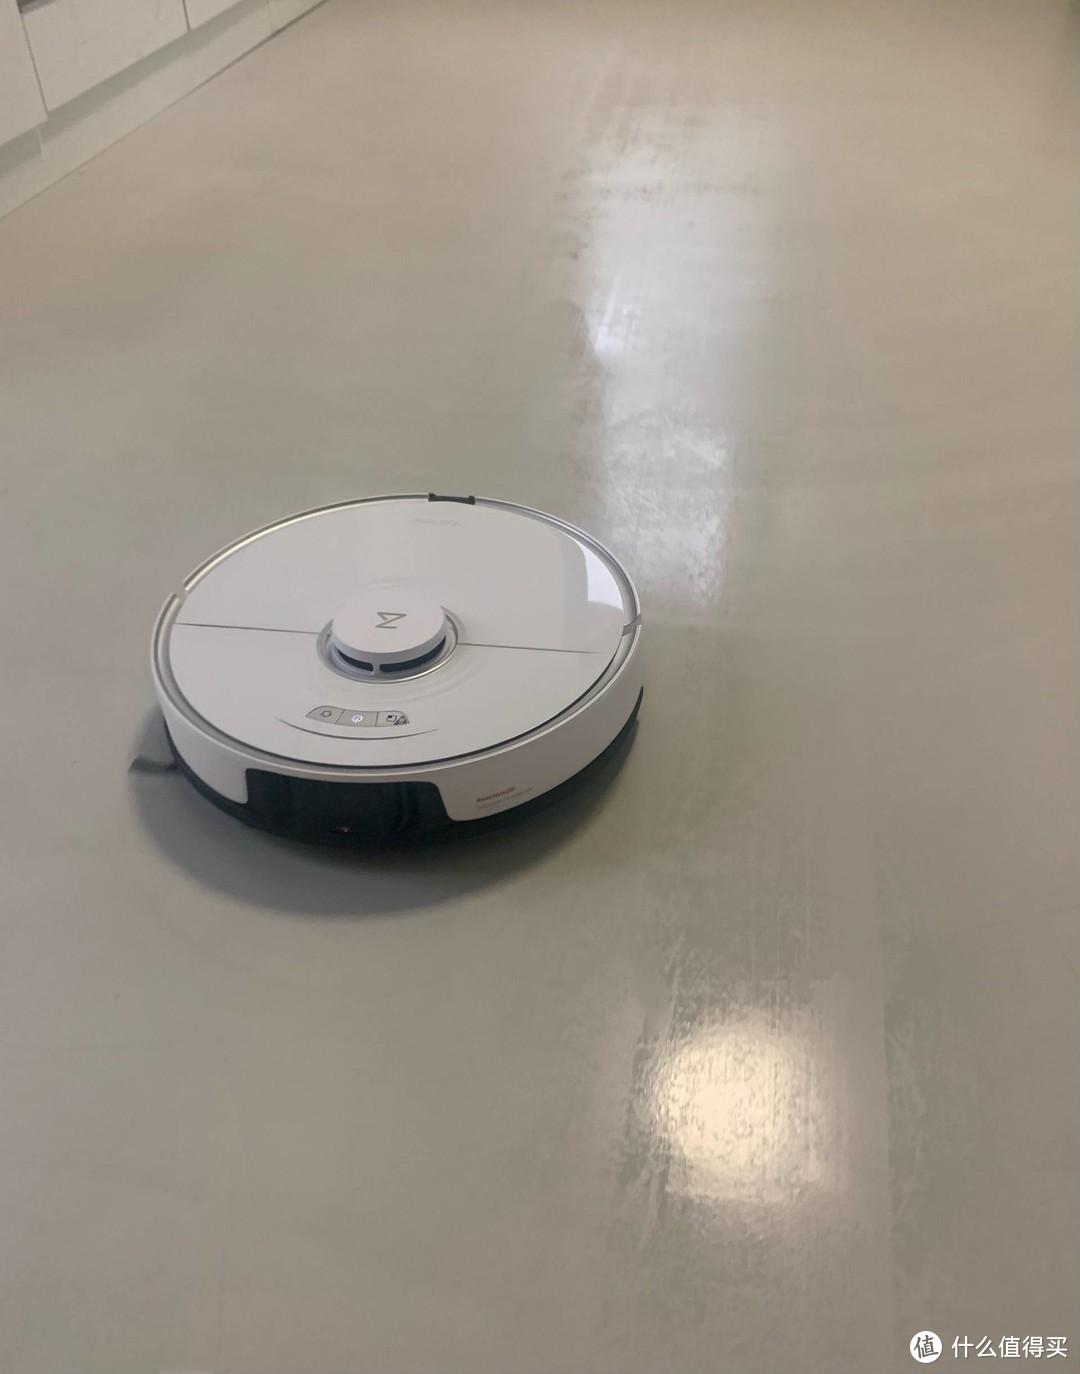 """扫拖一体机器人购买全解析,8大核心技能点,关于""""导航模式哪种好、边刷一定要双边刷吗""""等问题解答"""